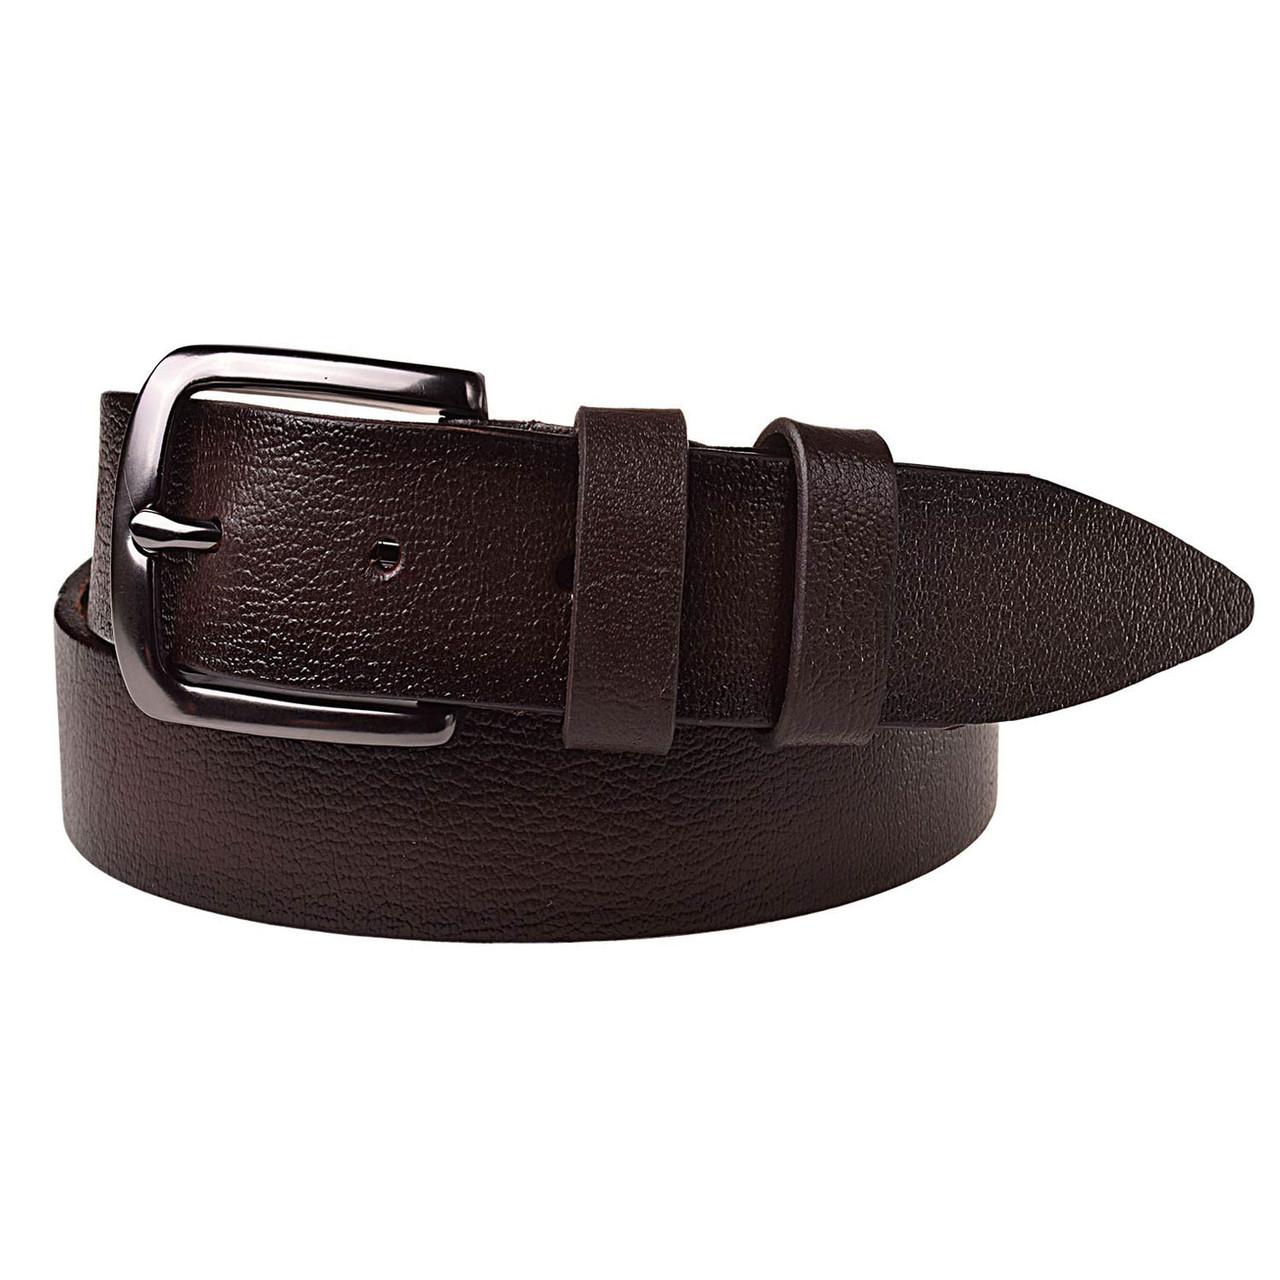 Натуральная кожаный мужской ремень JK Темно-коричневый (MC352058106)